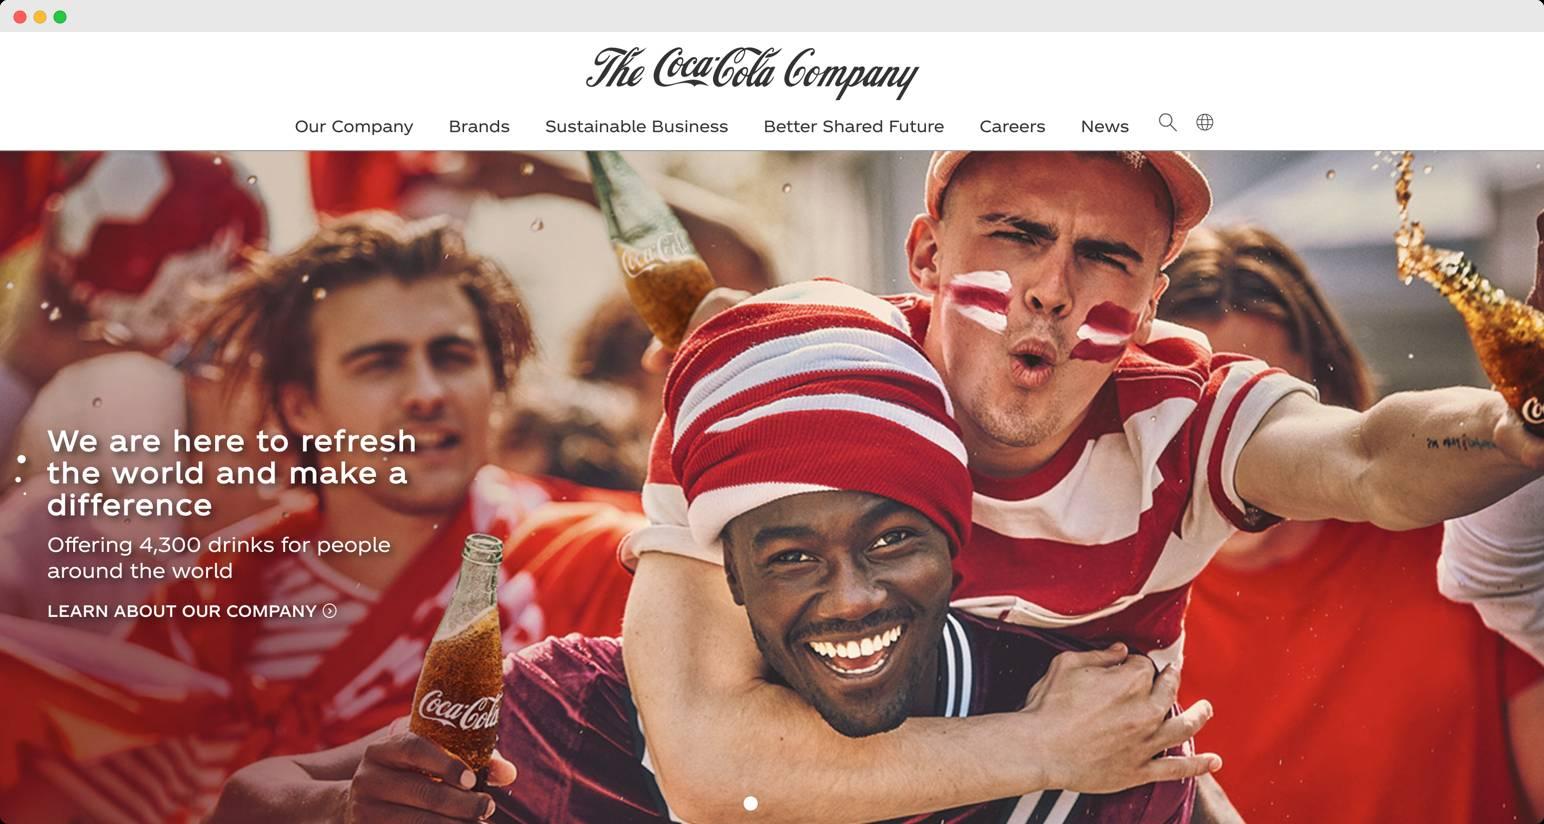 xromata brand coca cola